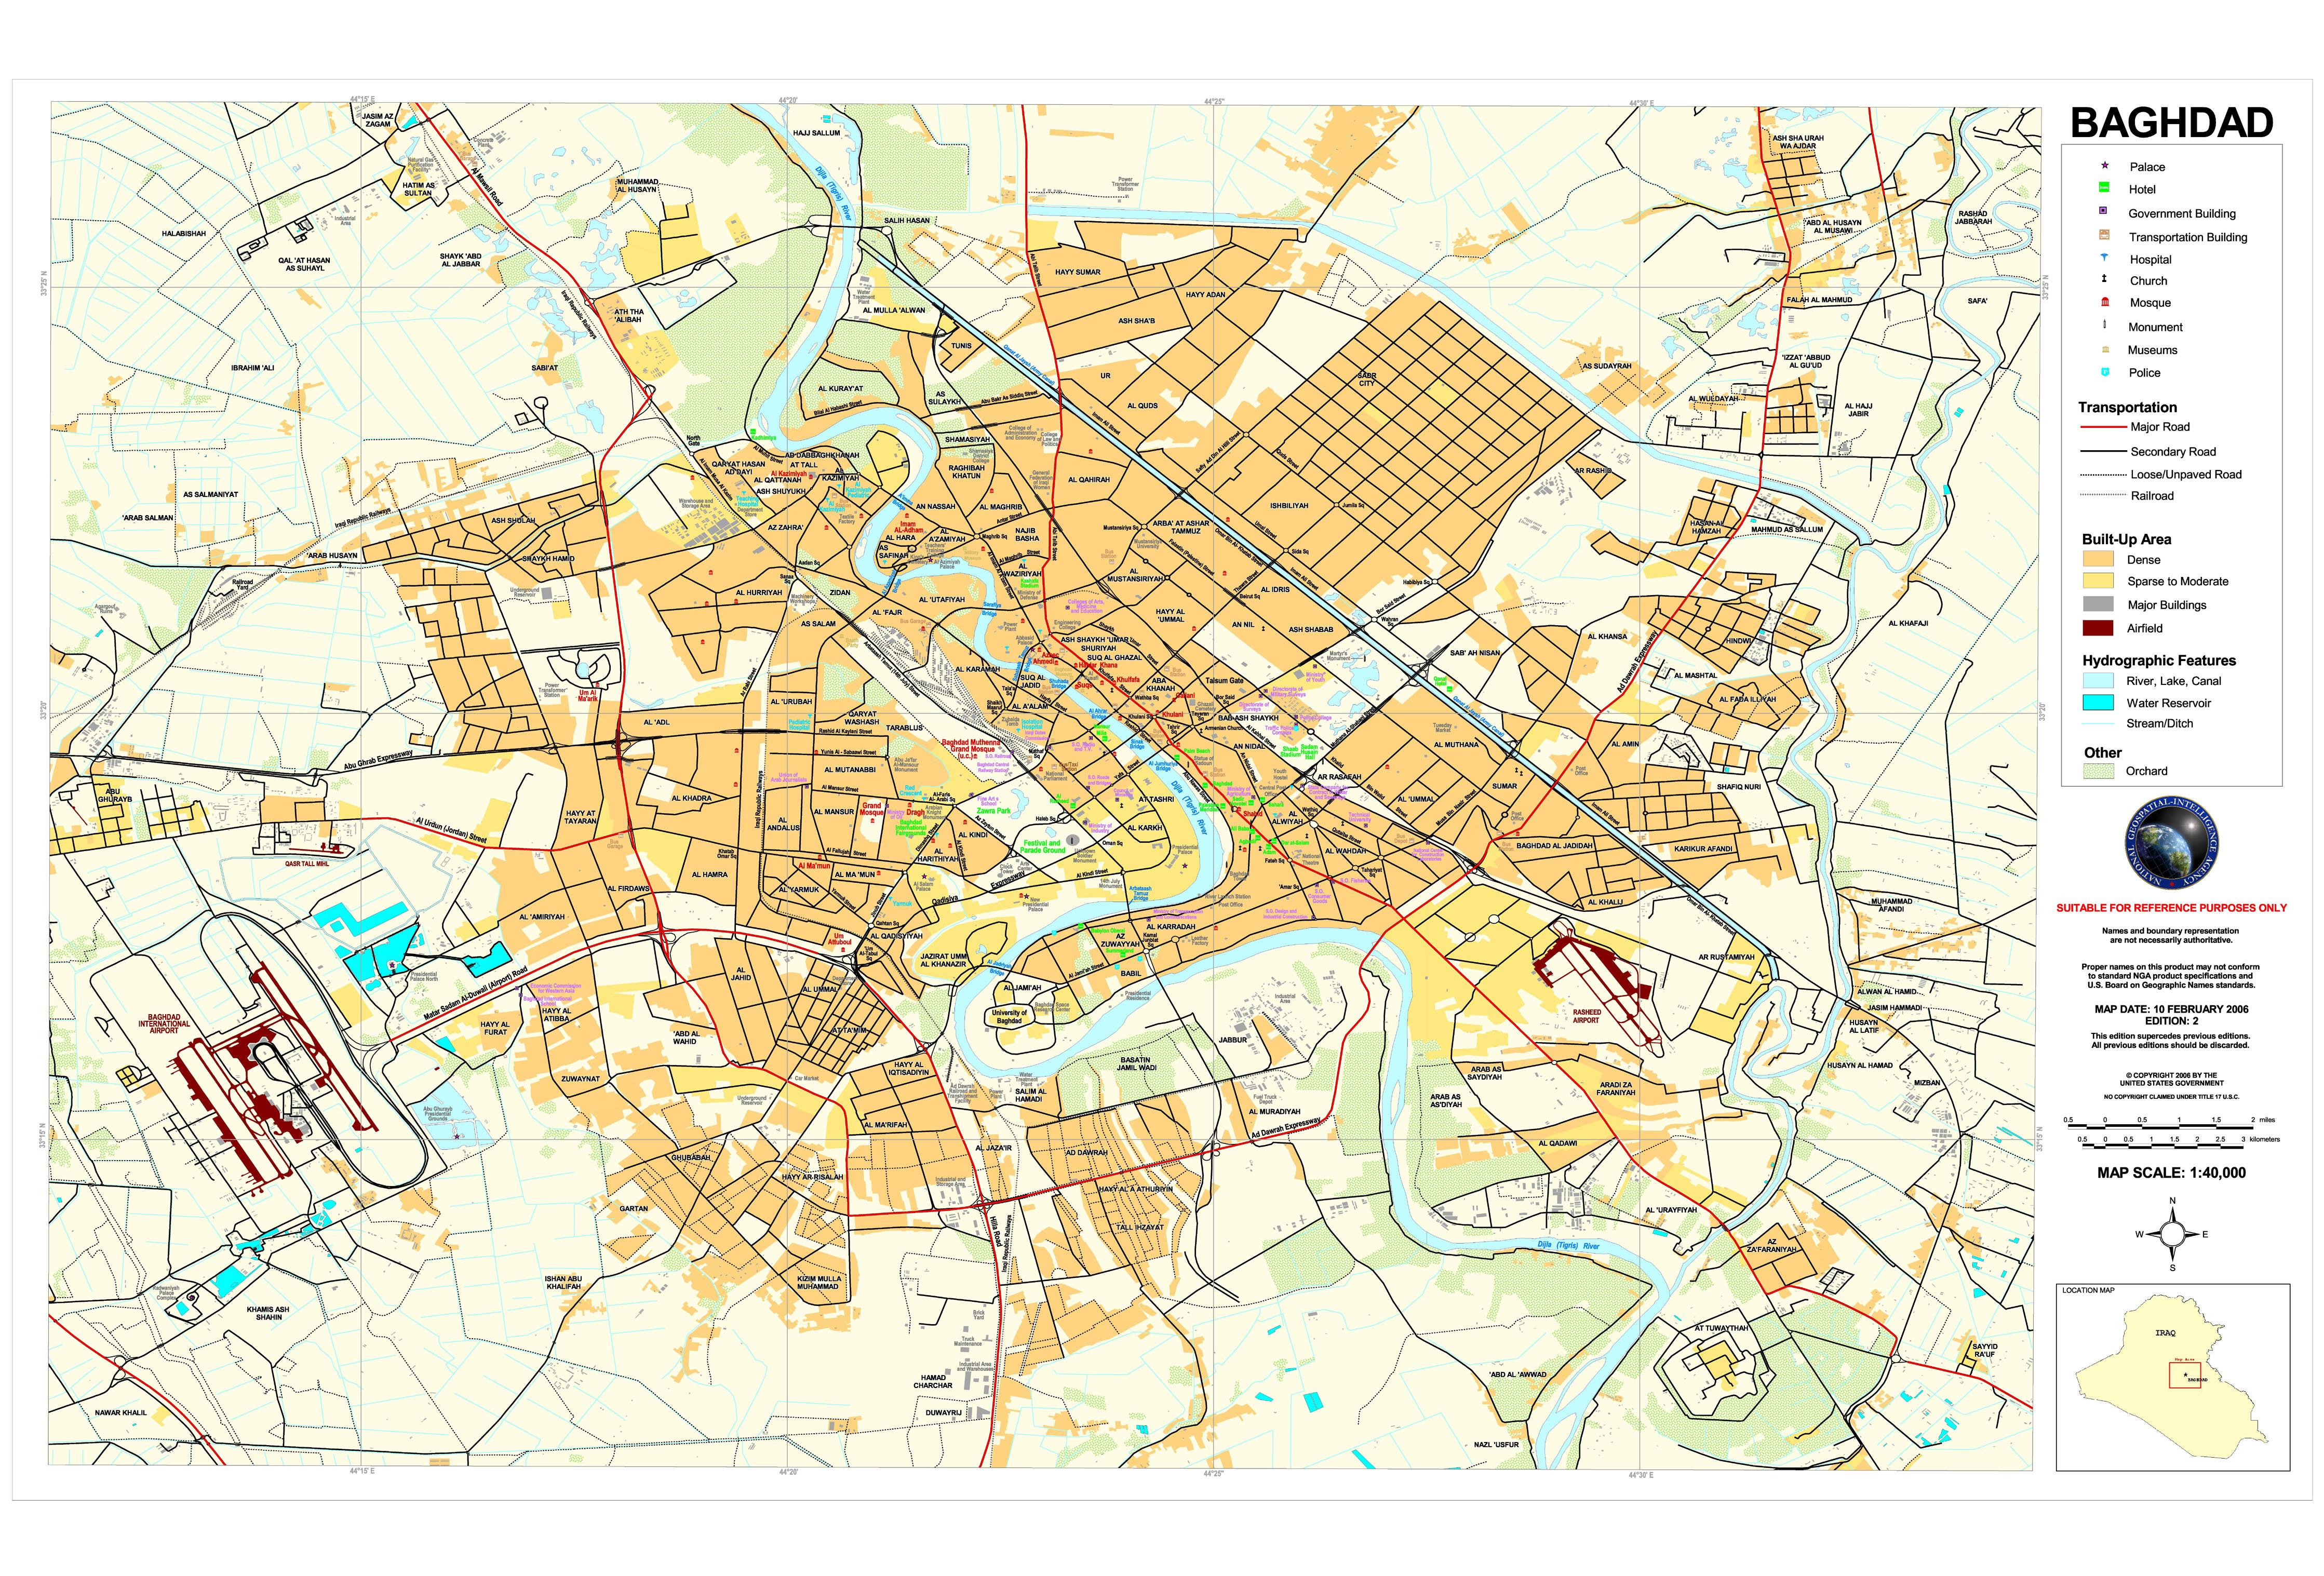 Mapa de Bagdad 2006